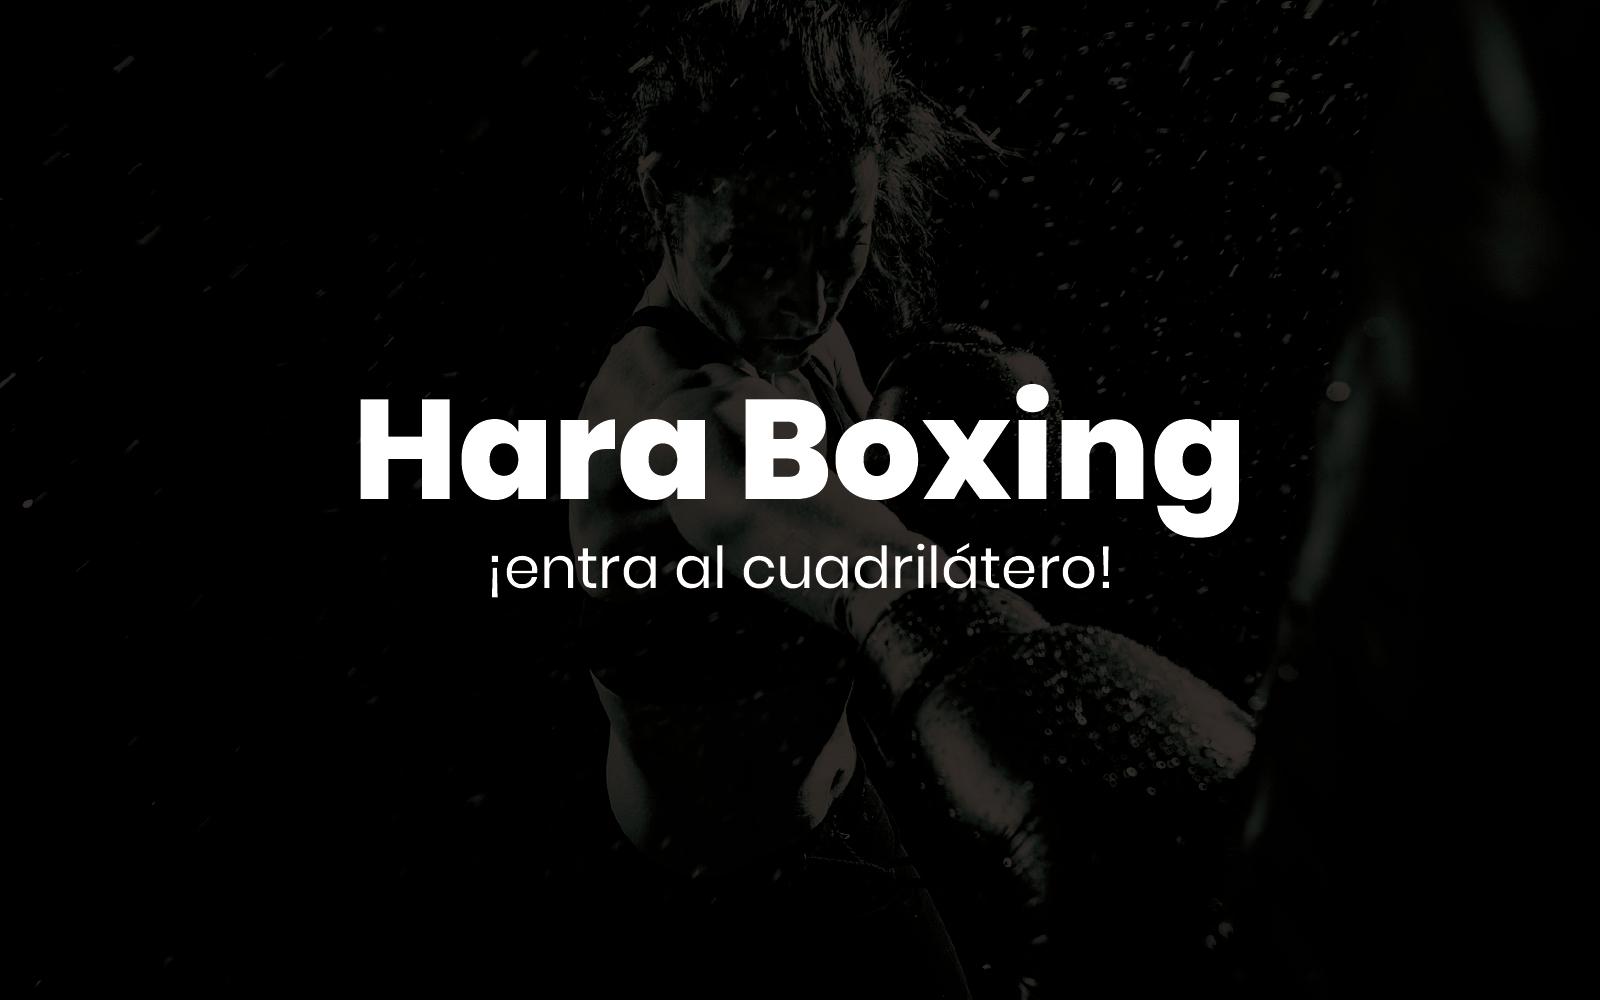 Hara Boxing